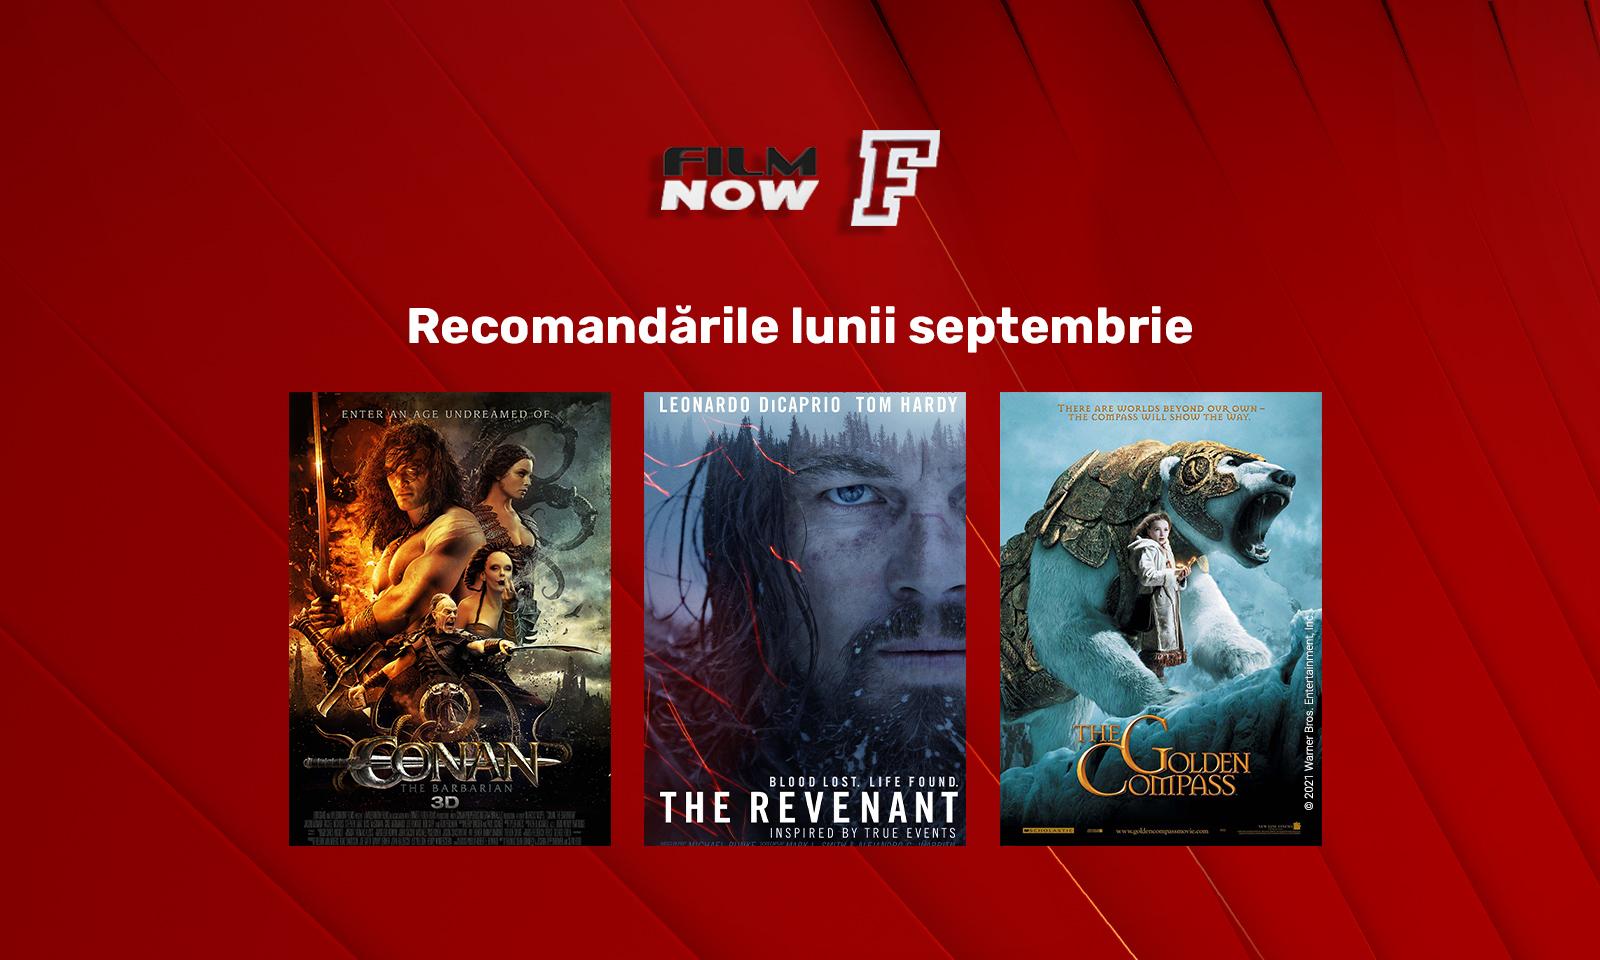 In septembrie, Film Now dedica cea de-a patra saptamana productiilor de aventura